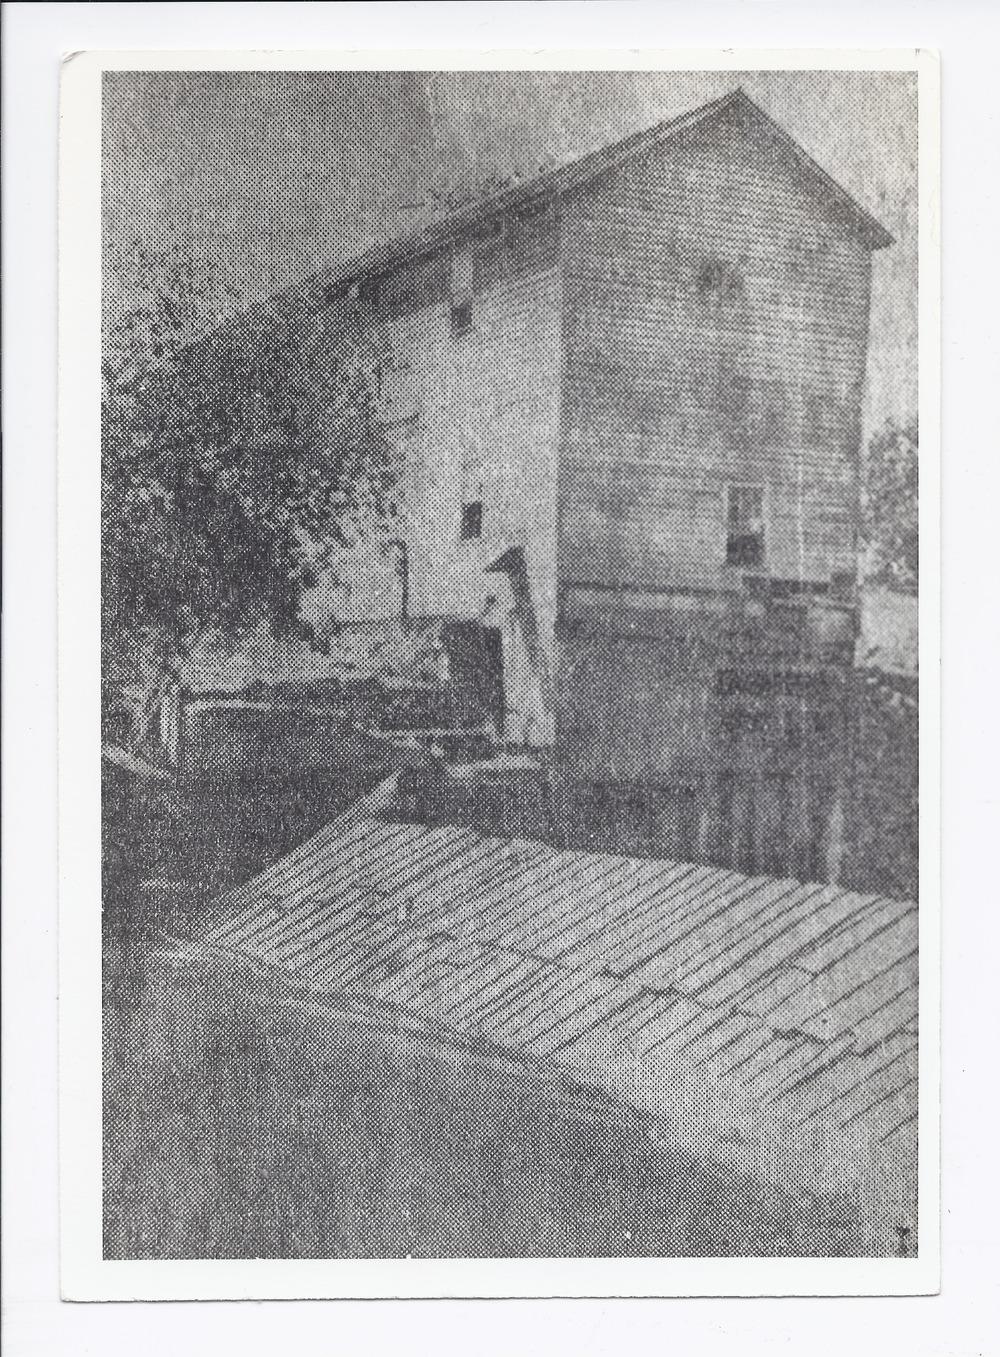 Cedar Bluff Mill, Rossville, Kansas